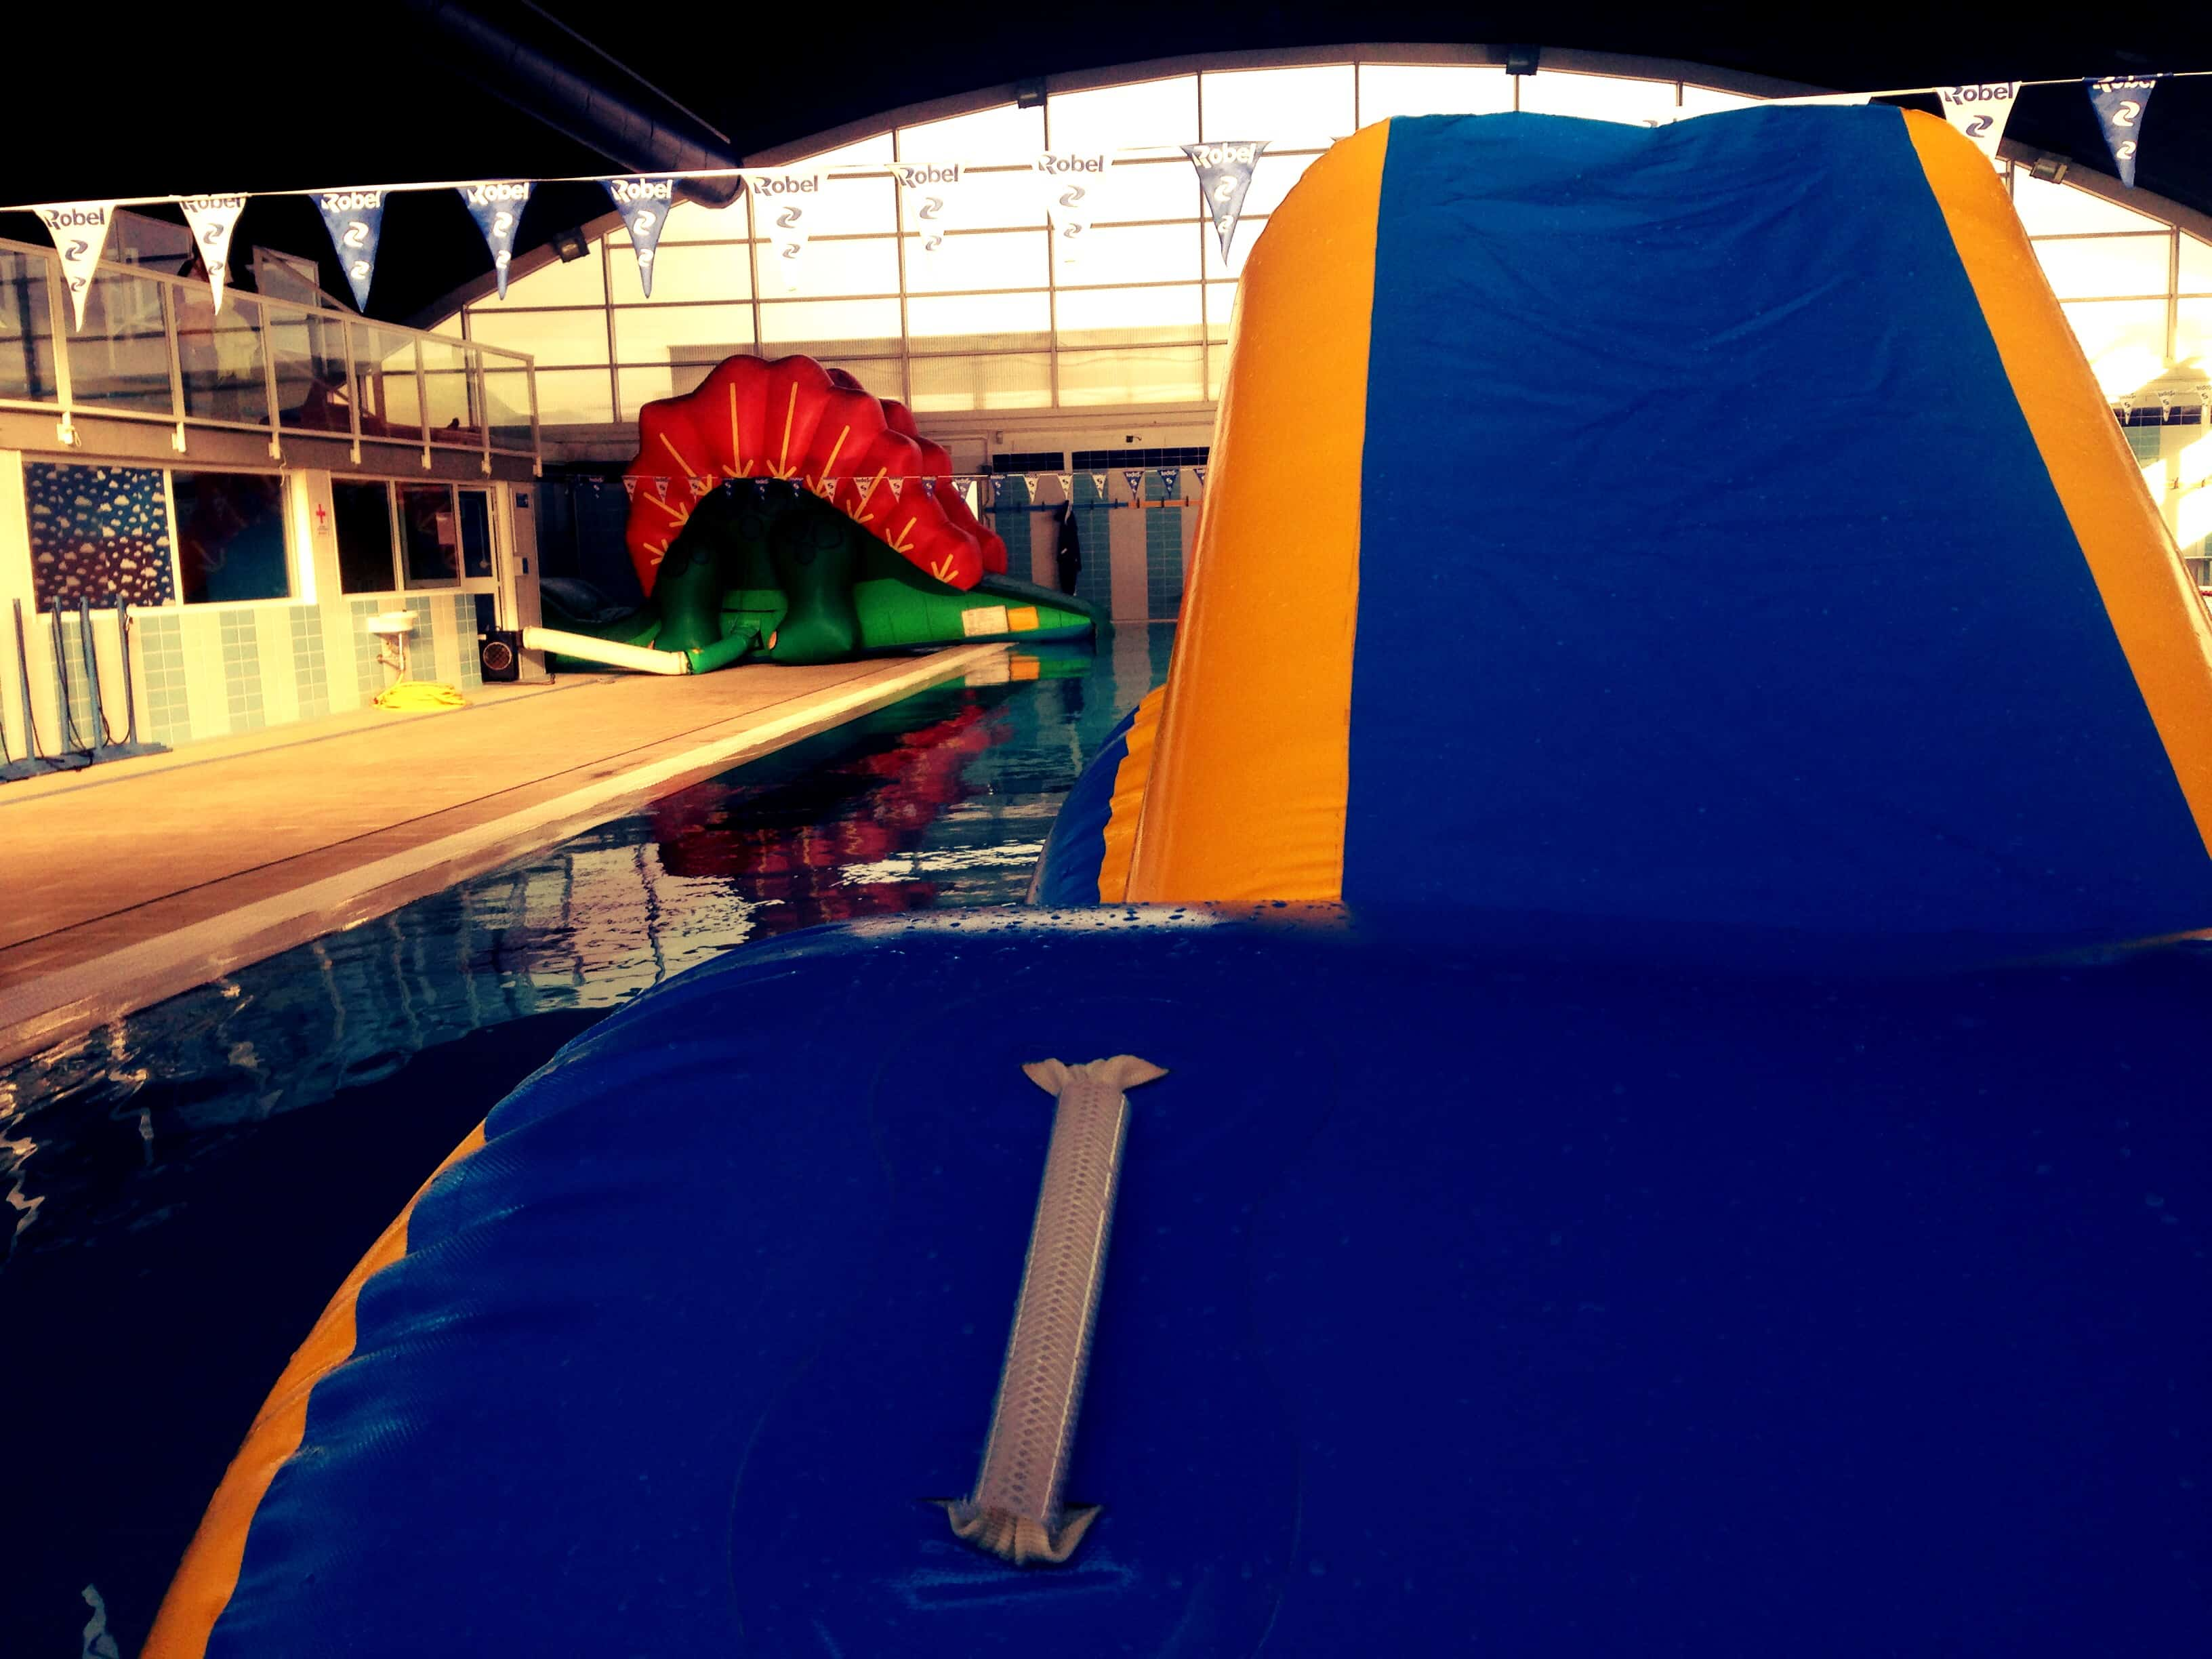 Amatori nuoto follonica l impianto per tutte le esigenze amatori nuoto follonica - Ipoclorito di calcio per piscine ...